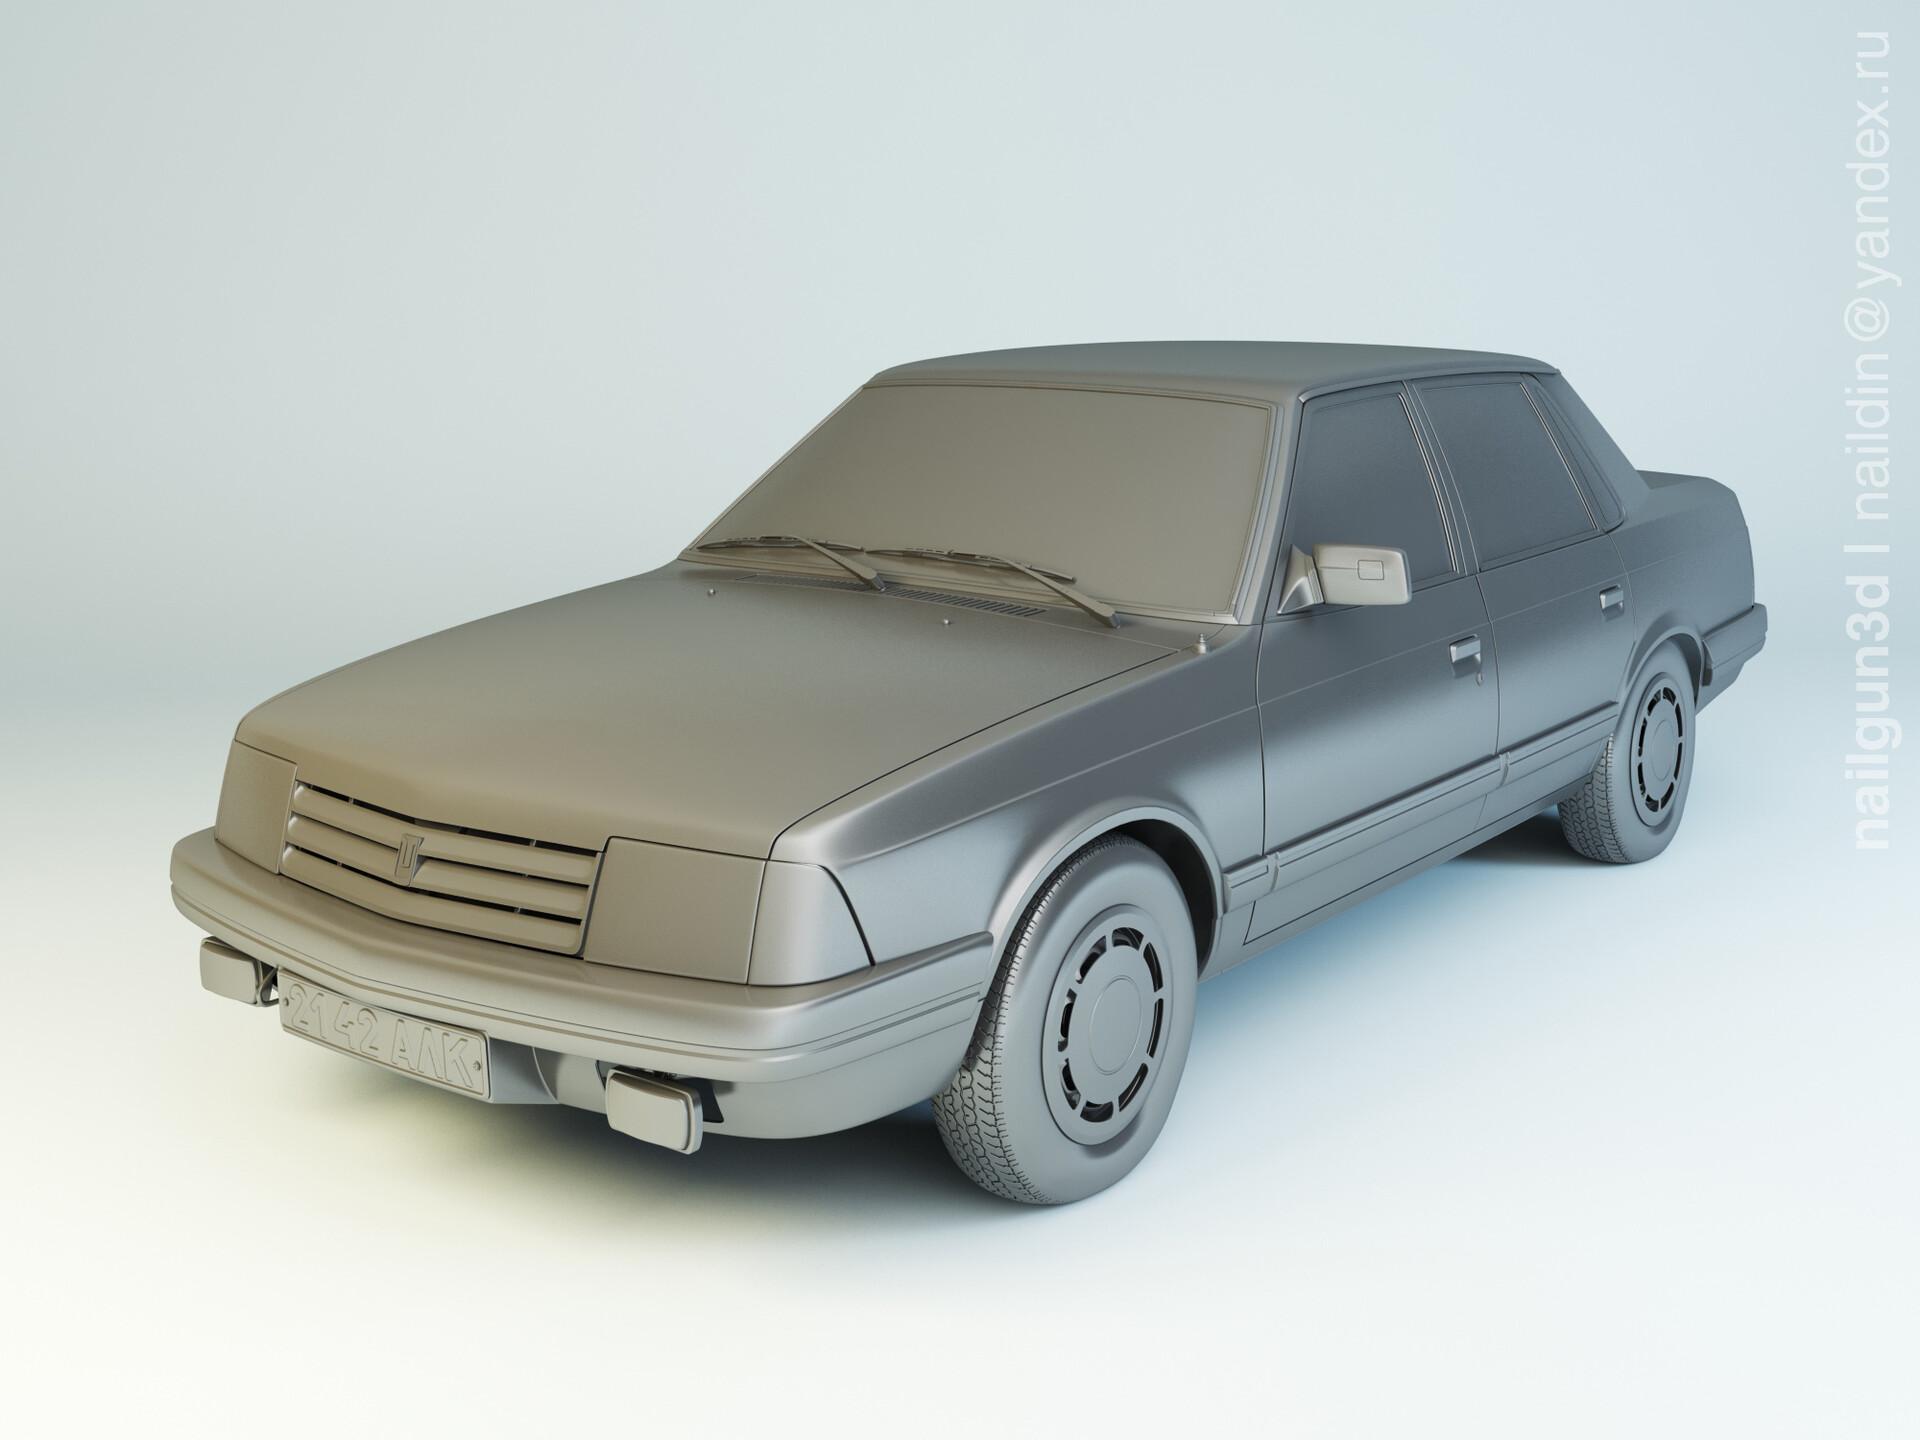 Nail khusnutdinov als 240 006 azlk 2142 moskvitch modelling 0